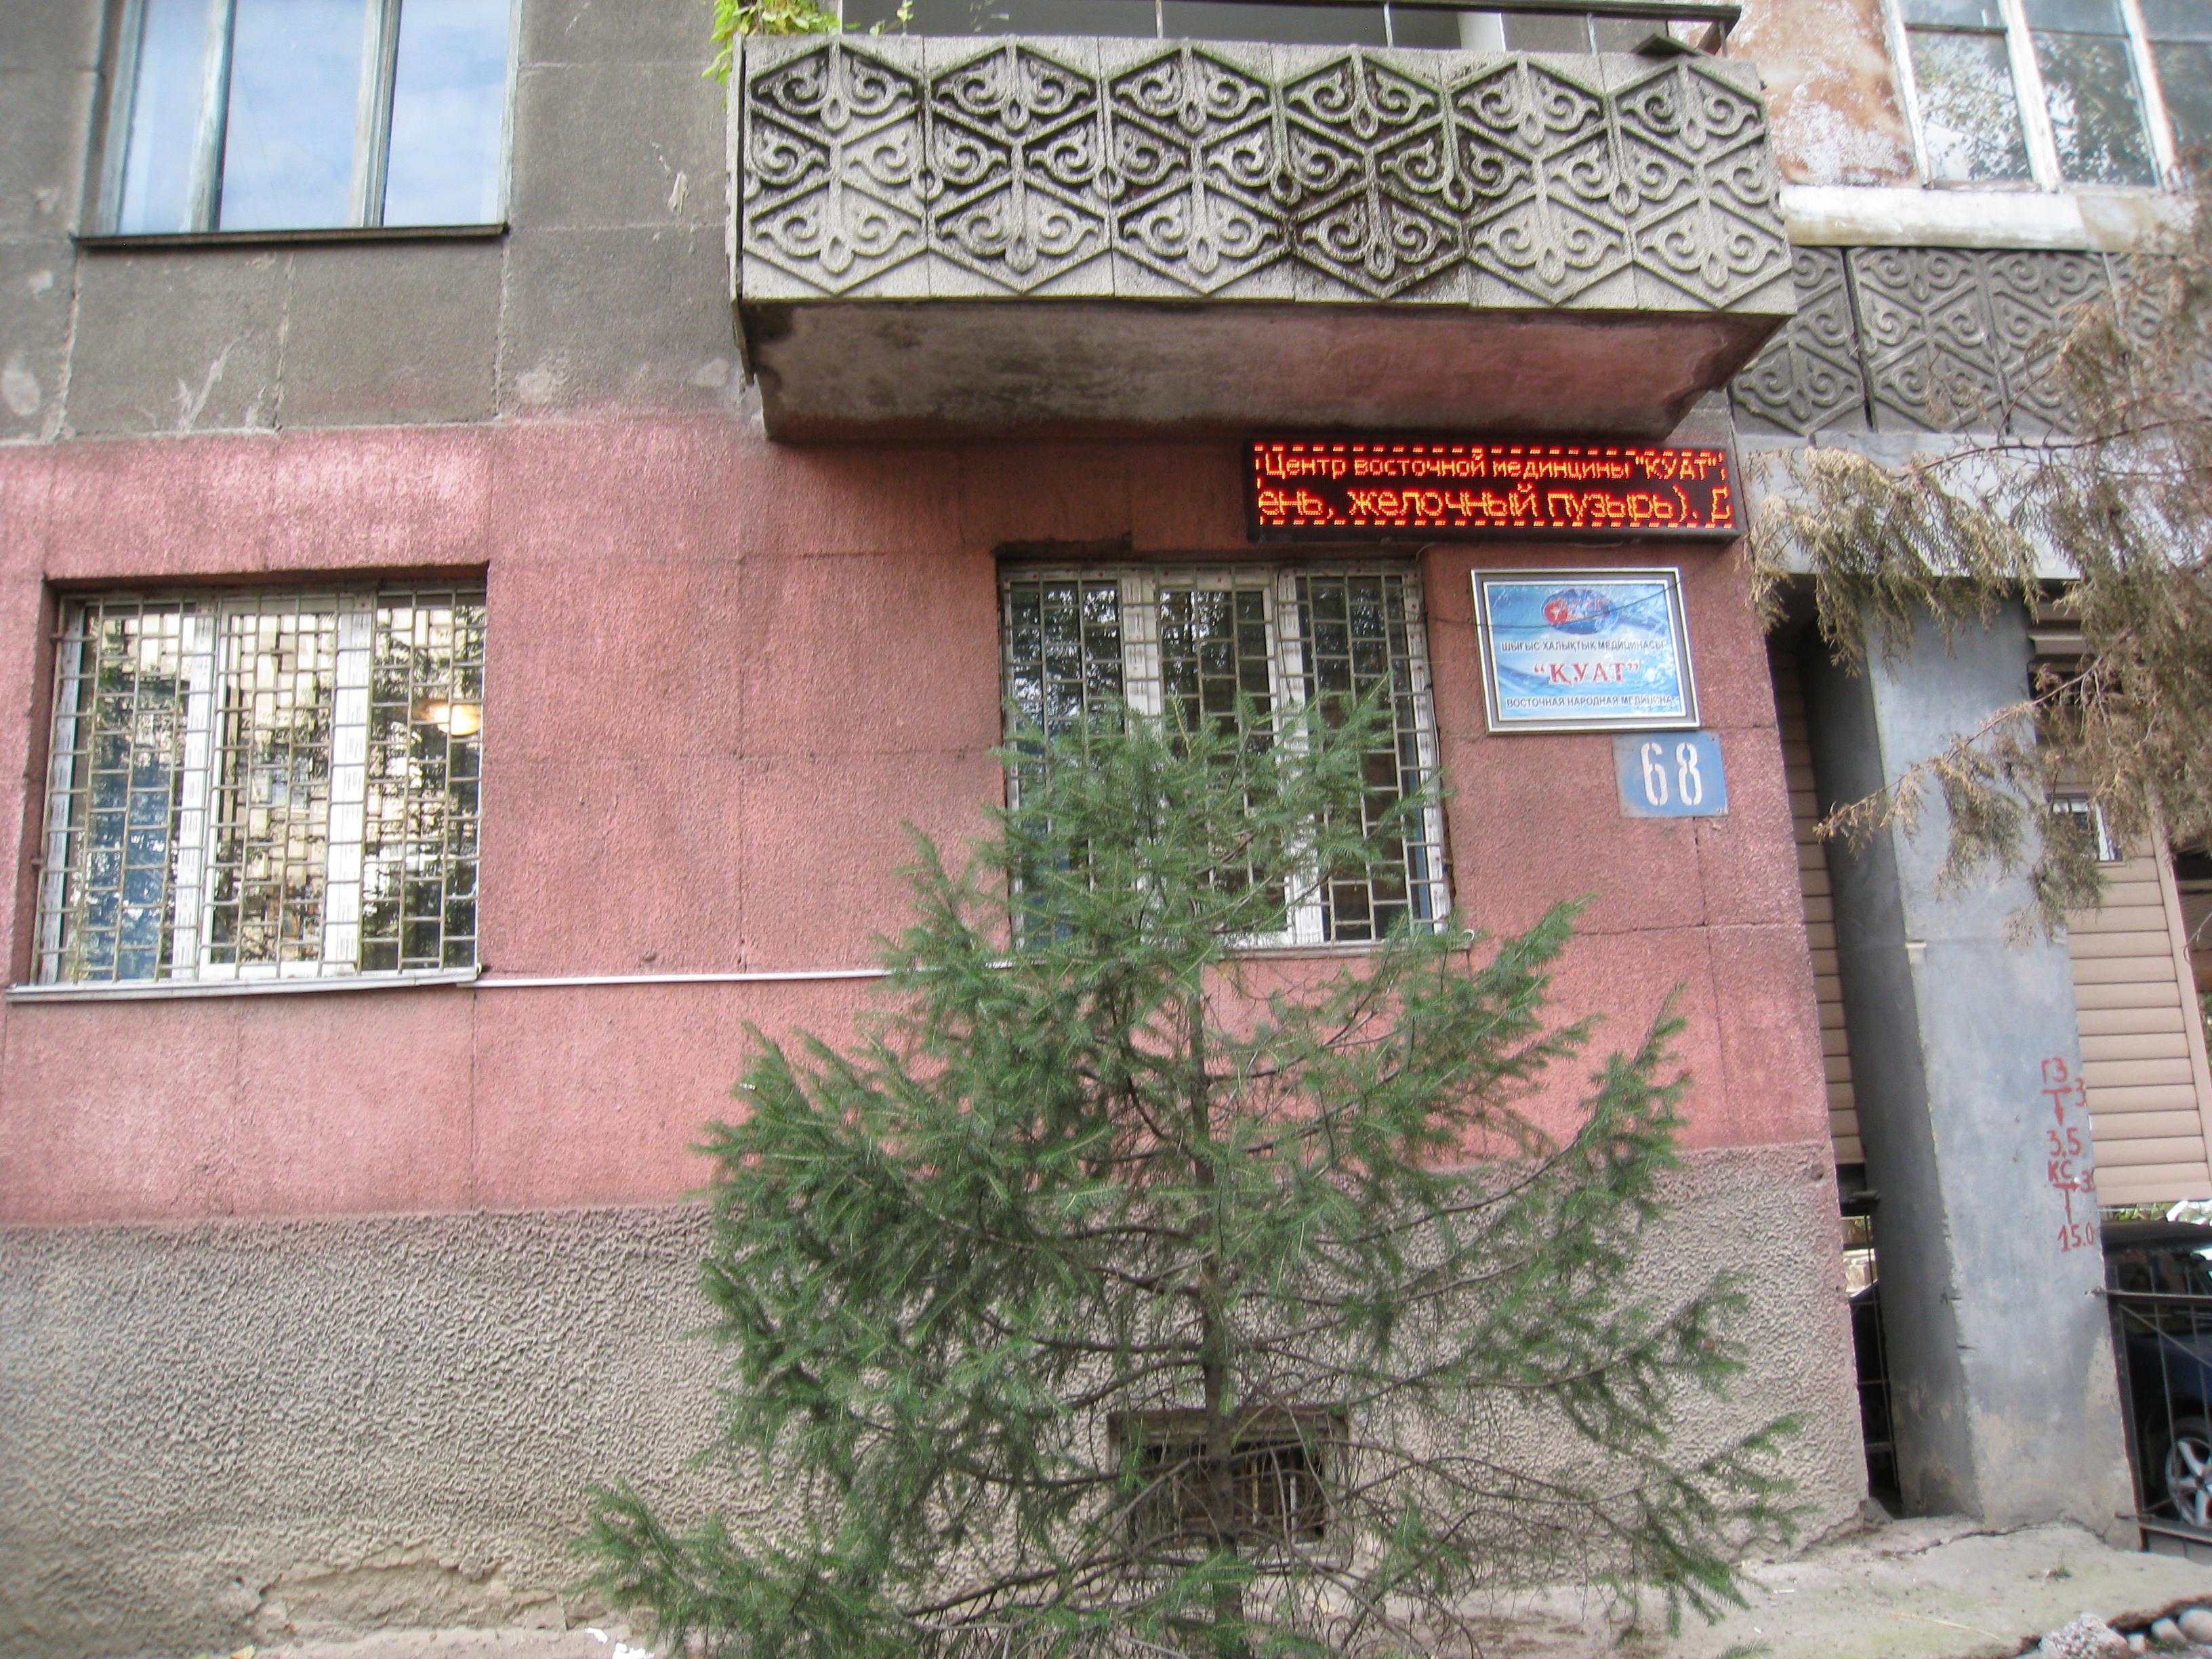 """Центр восточной медицины """"КУАТ"""""""